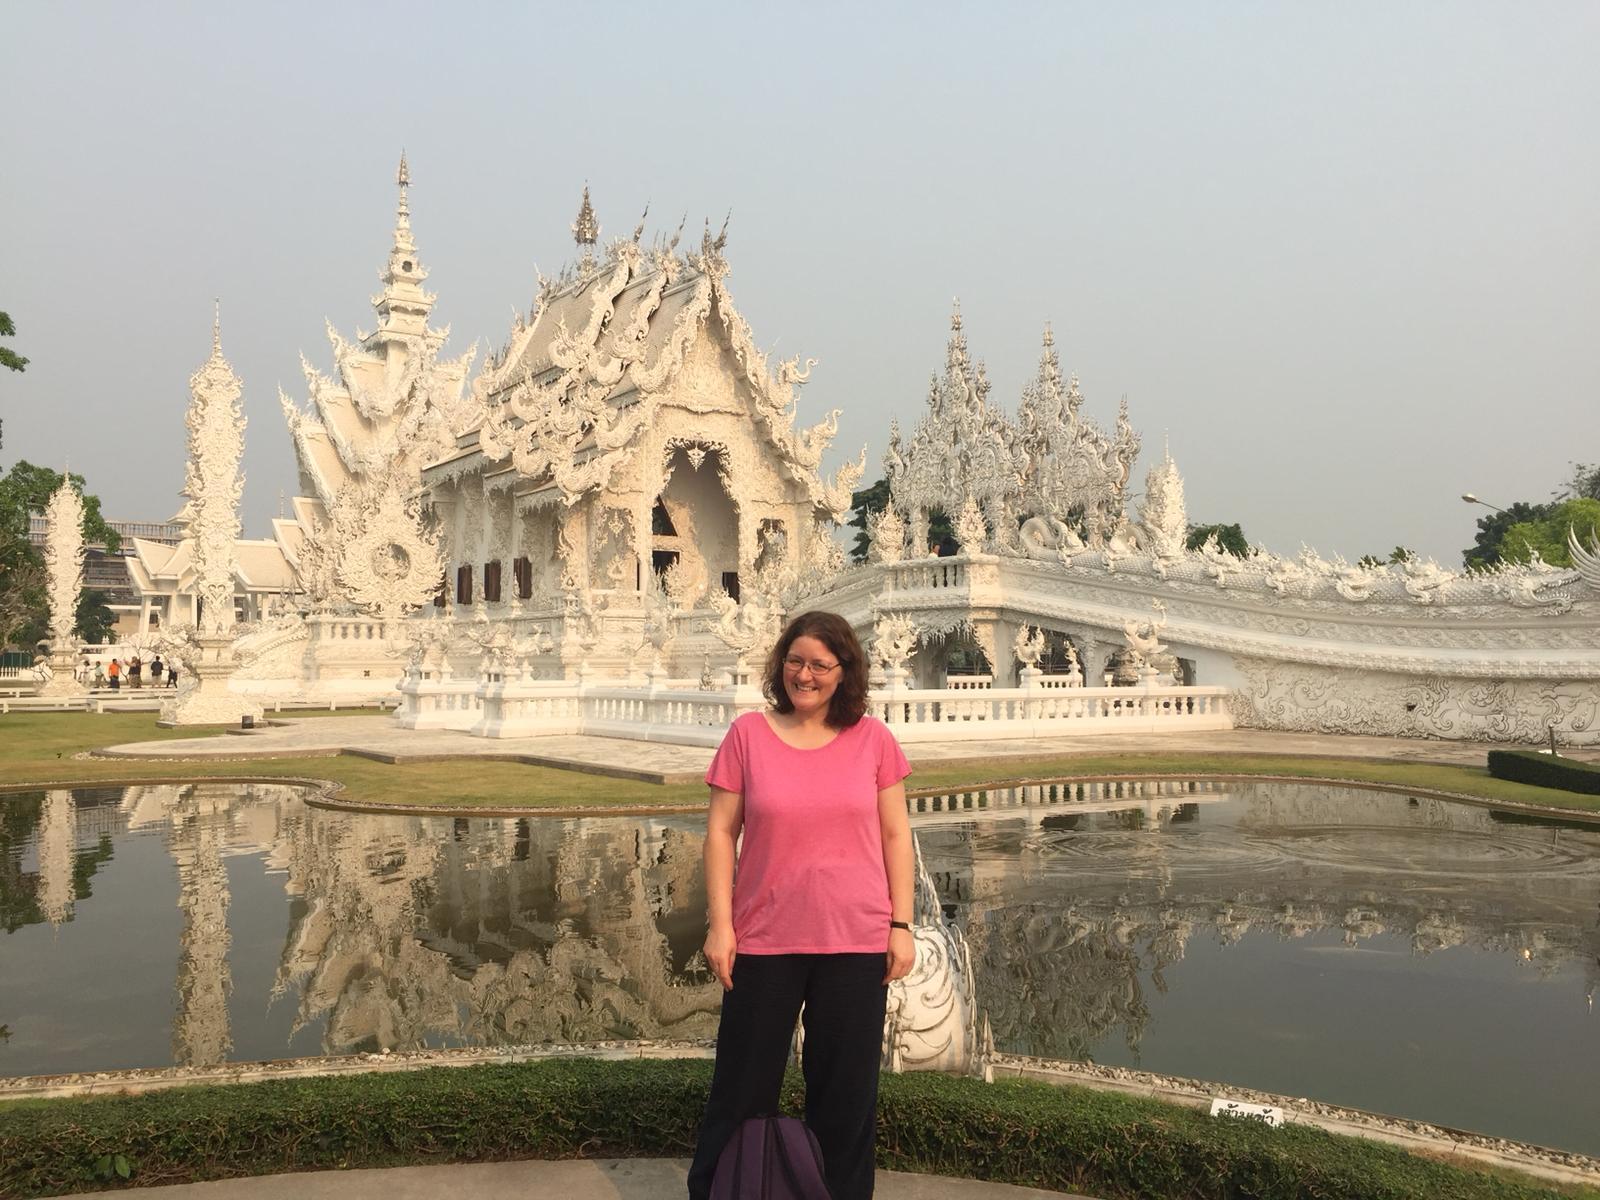 Onwards to Pattaya